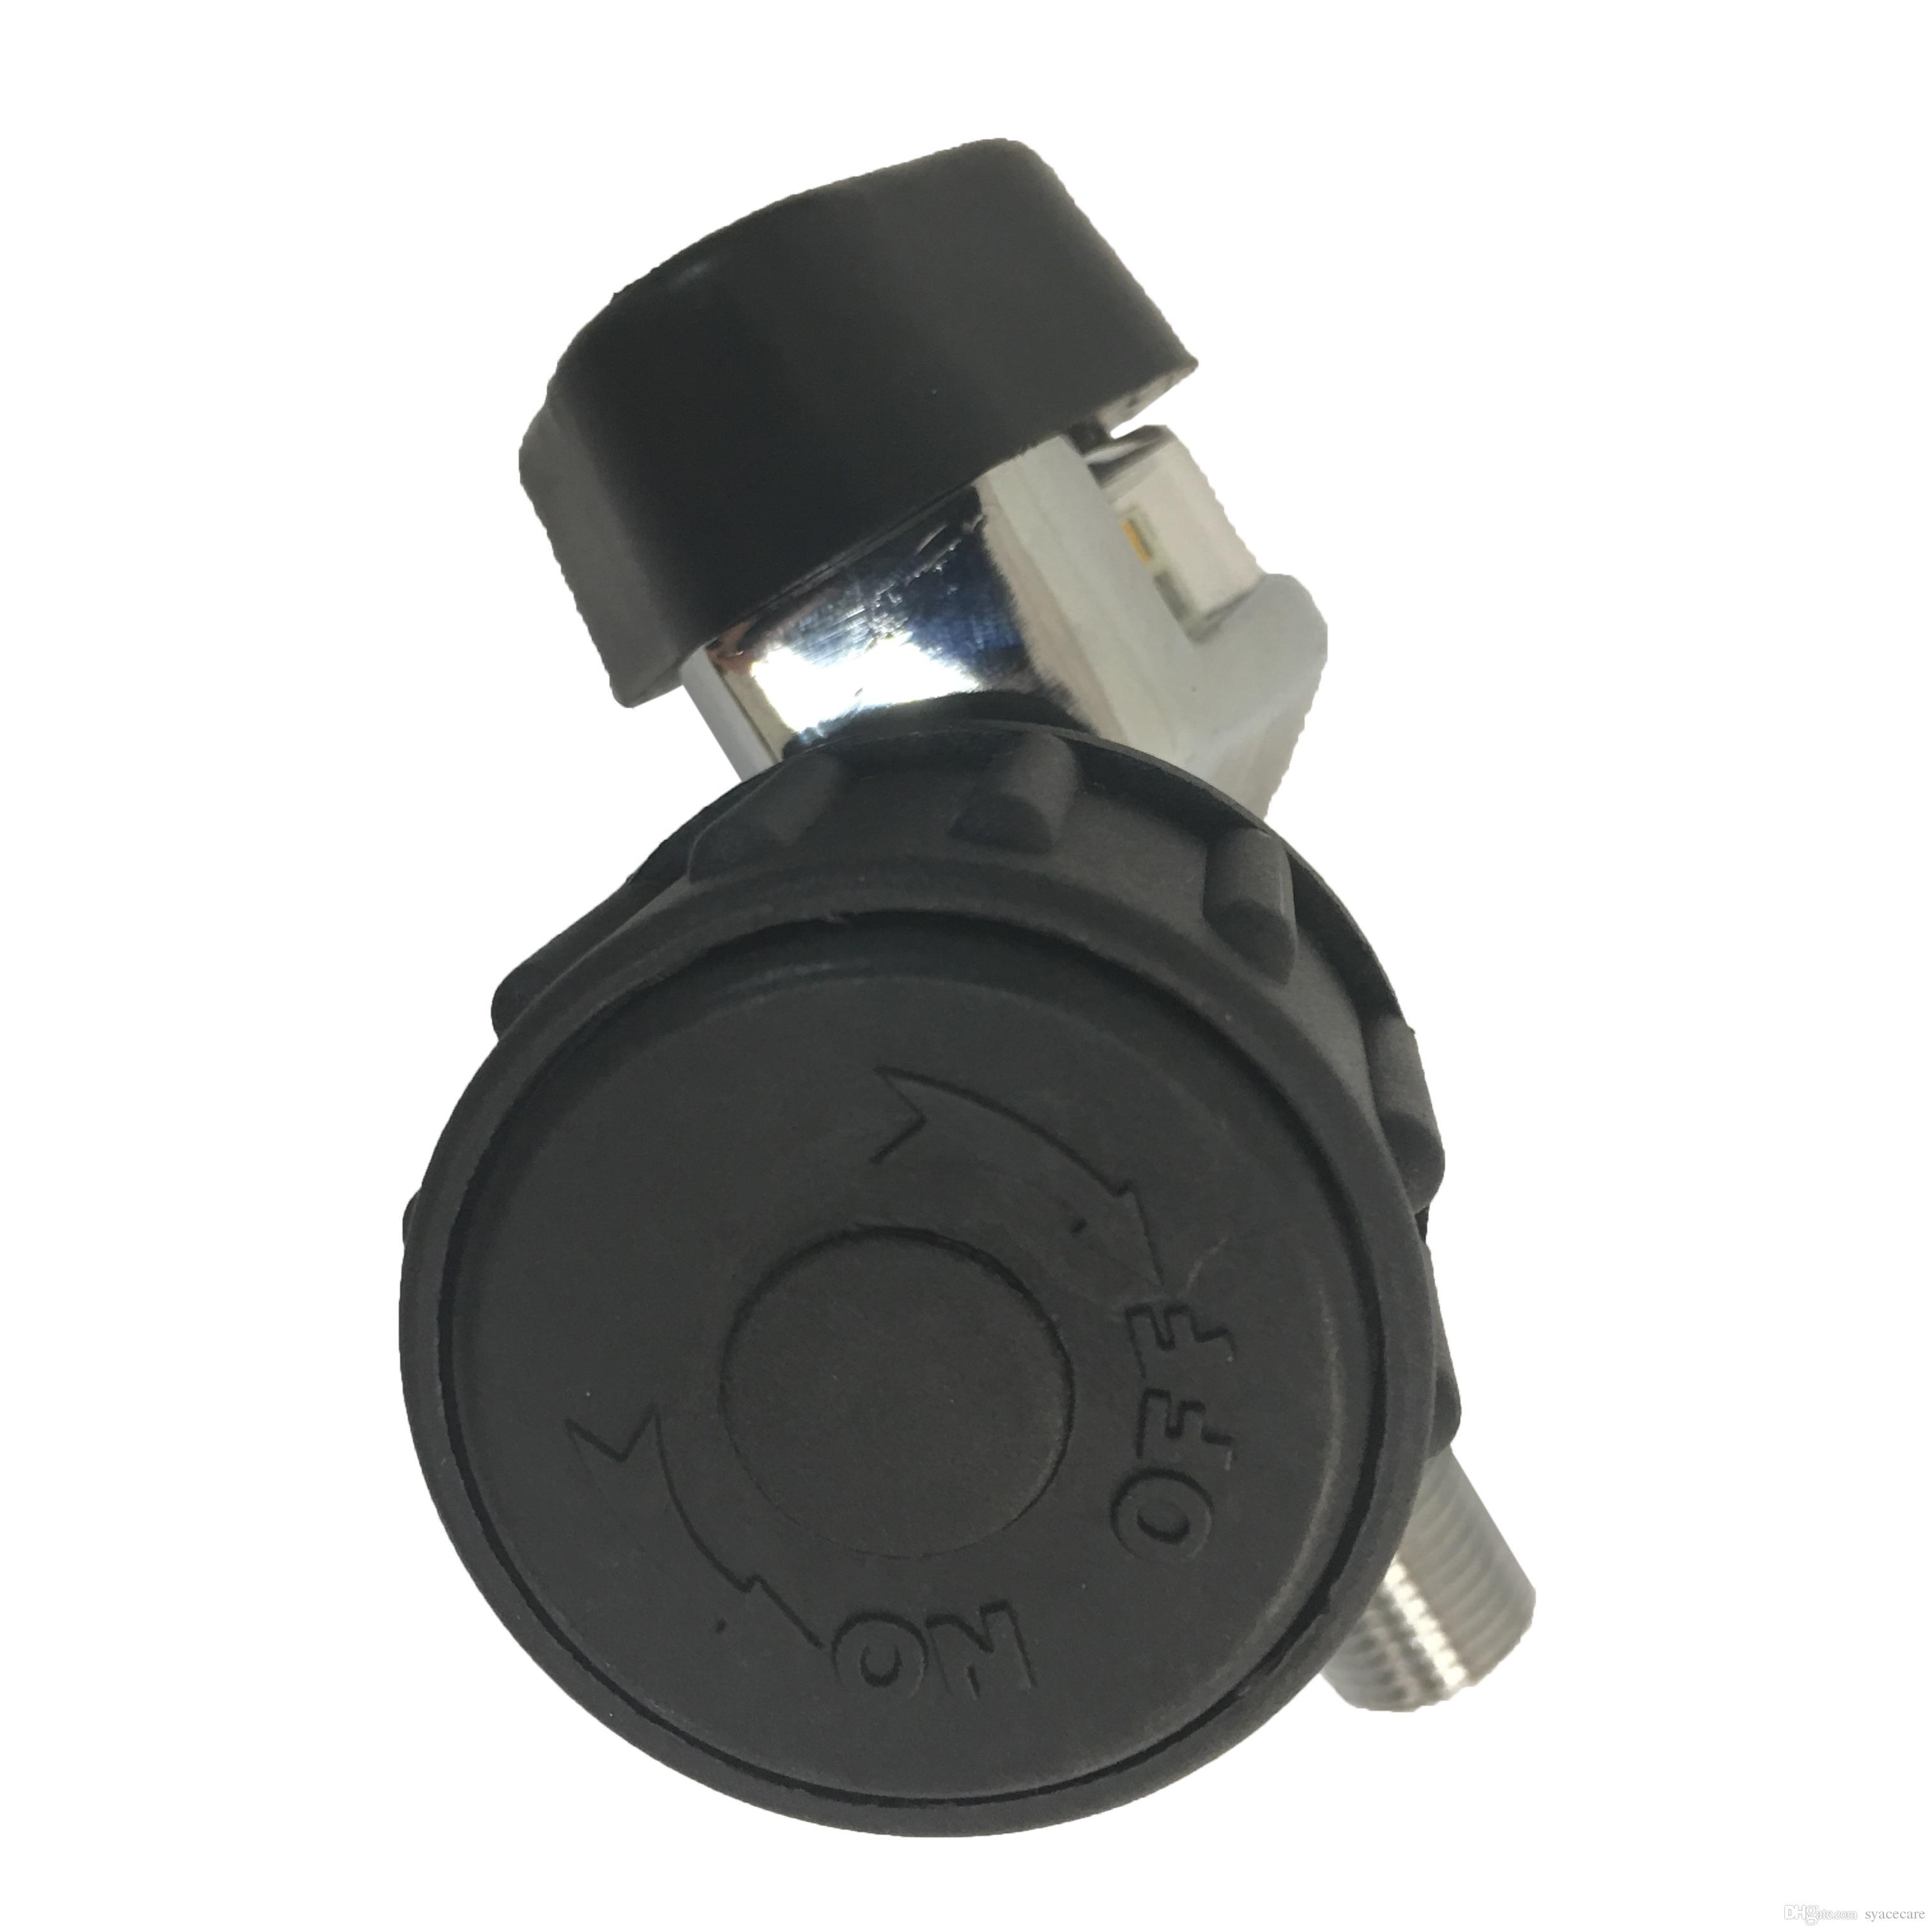 Pcp 300bar 4500Psi Válvula De Cilindro De Ar para SCBA Cilindro De Fibra De Carbono / Paintball Tanque com Calibre De Pressão Grande Acecare